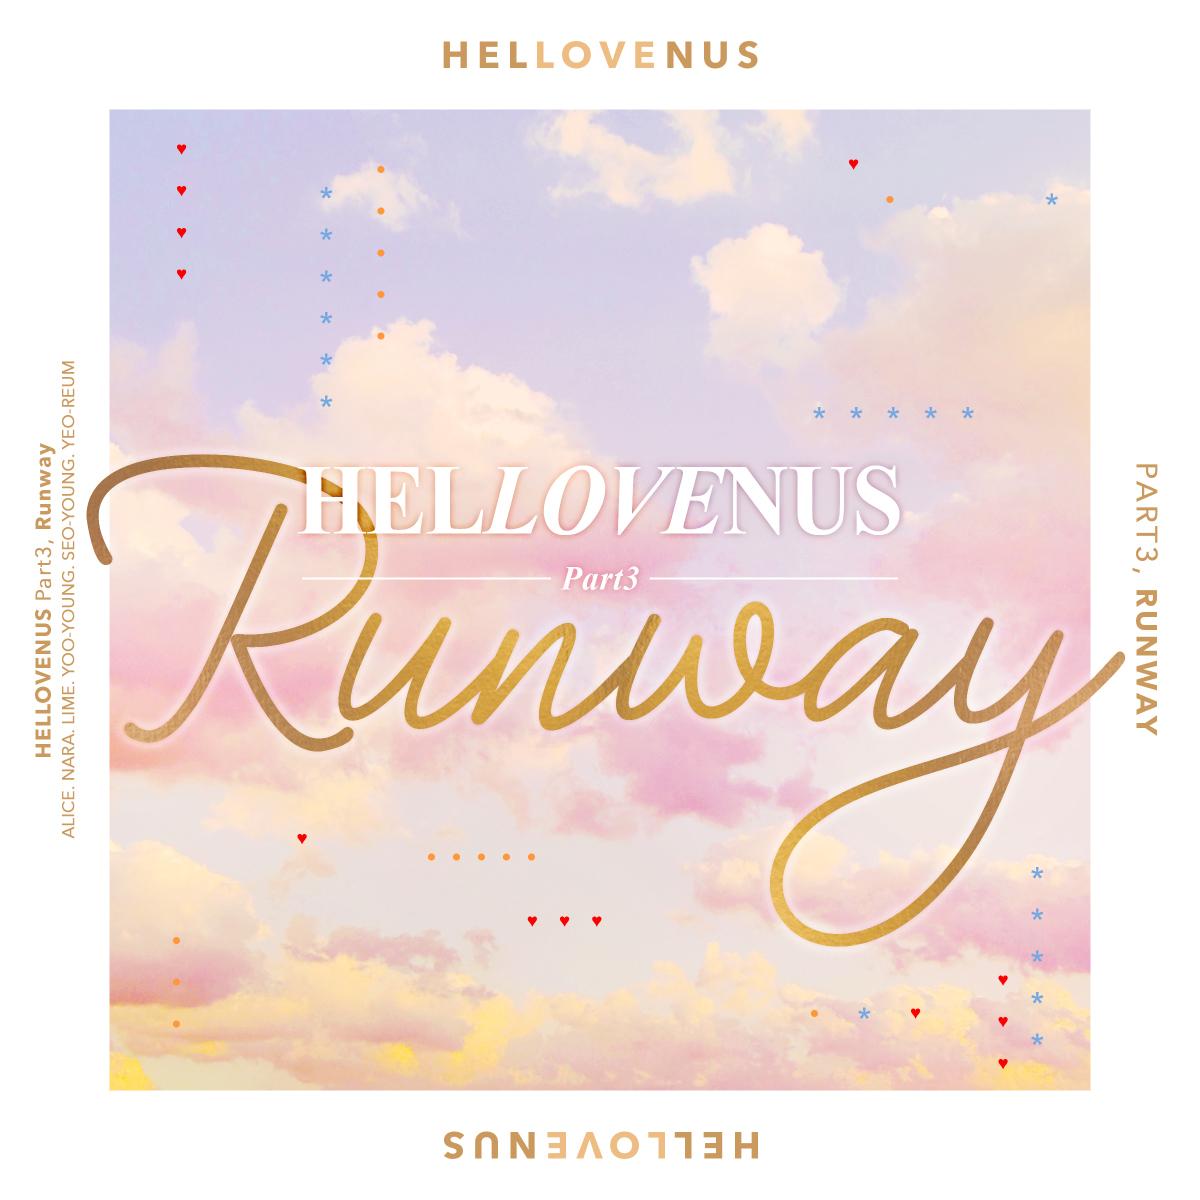 Runway (HELLOVENUS)